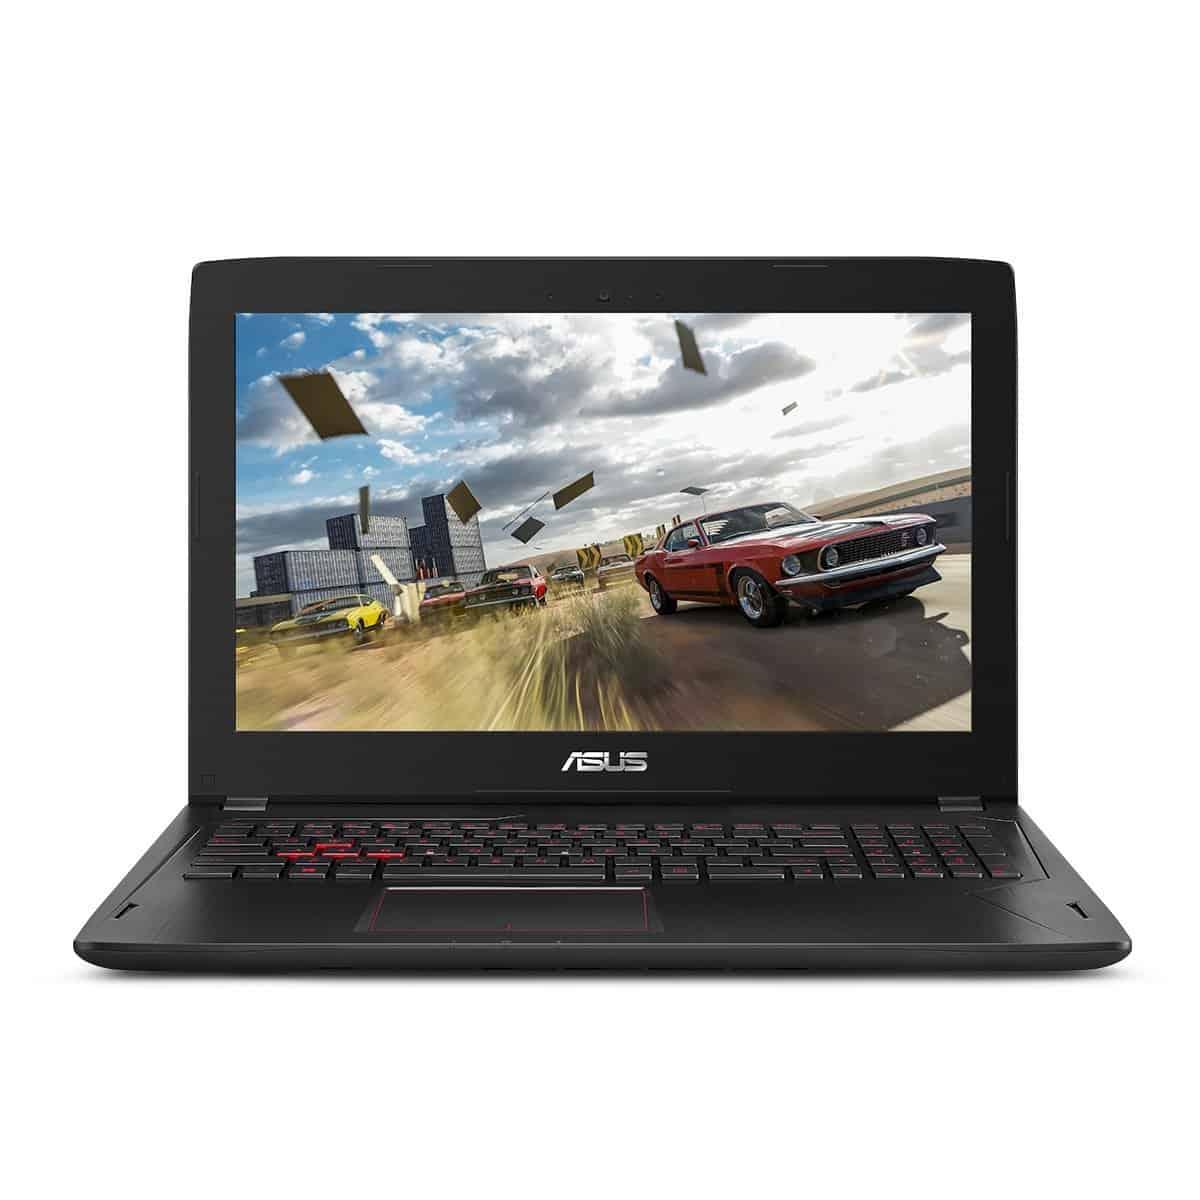 ASUS FX502VM-AS73